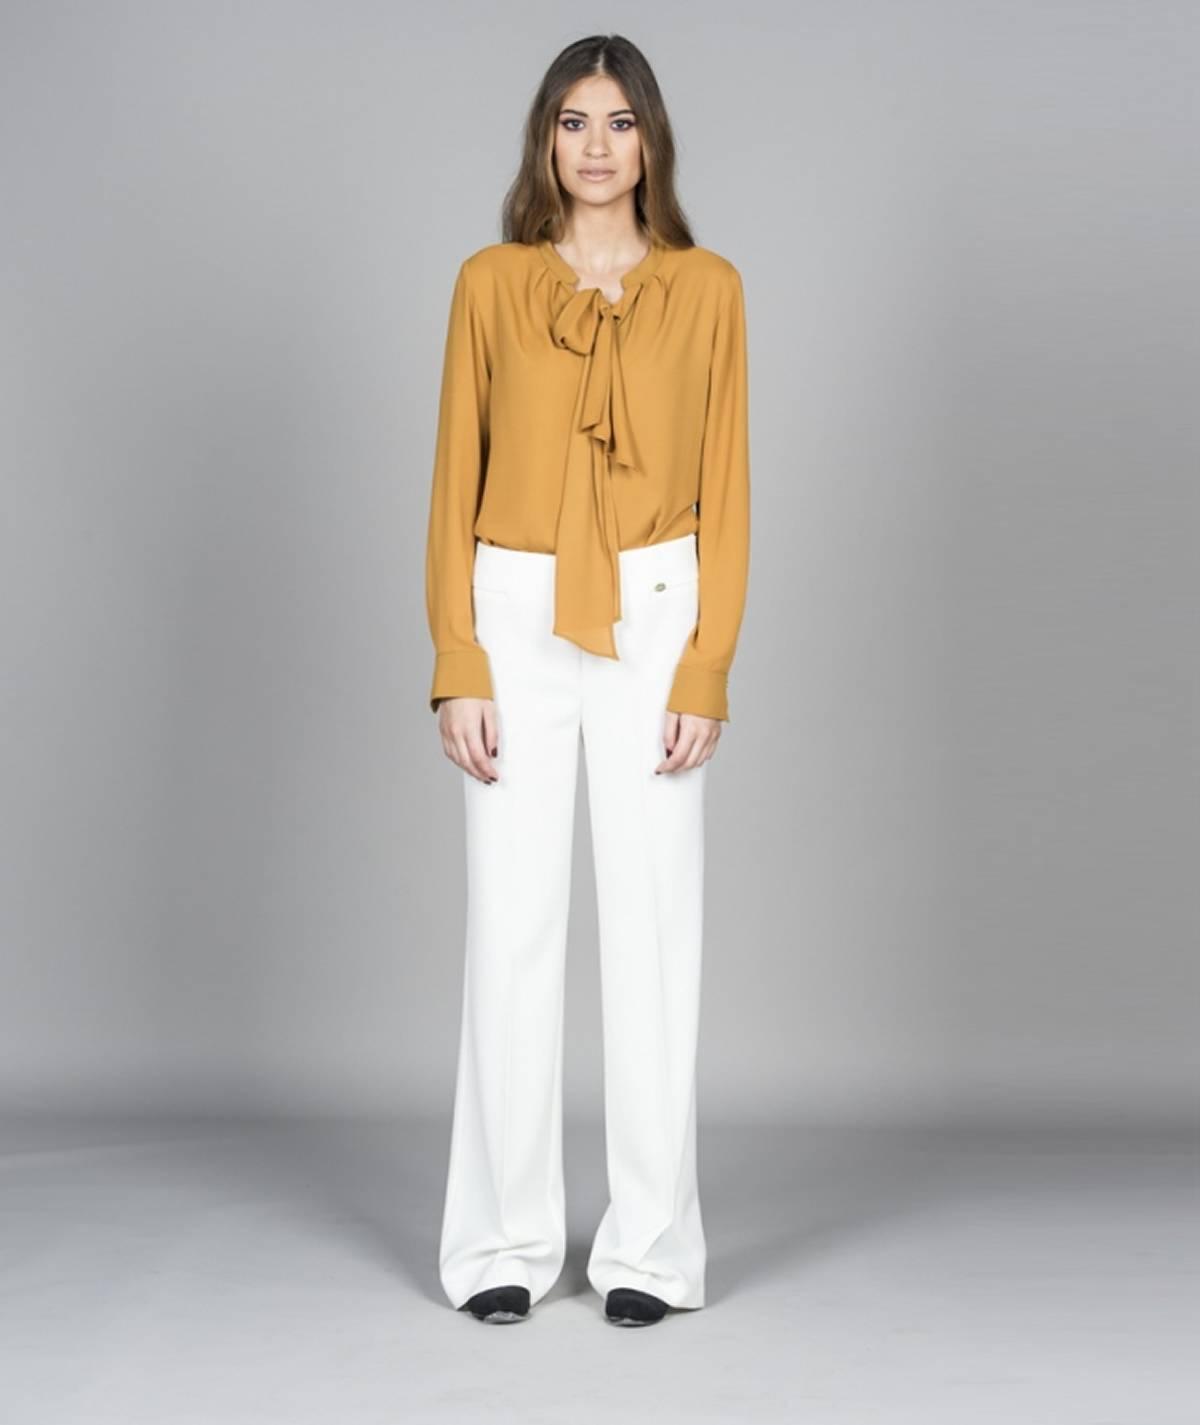 [CHIESSY] Pantalonas lisas